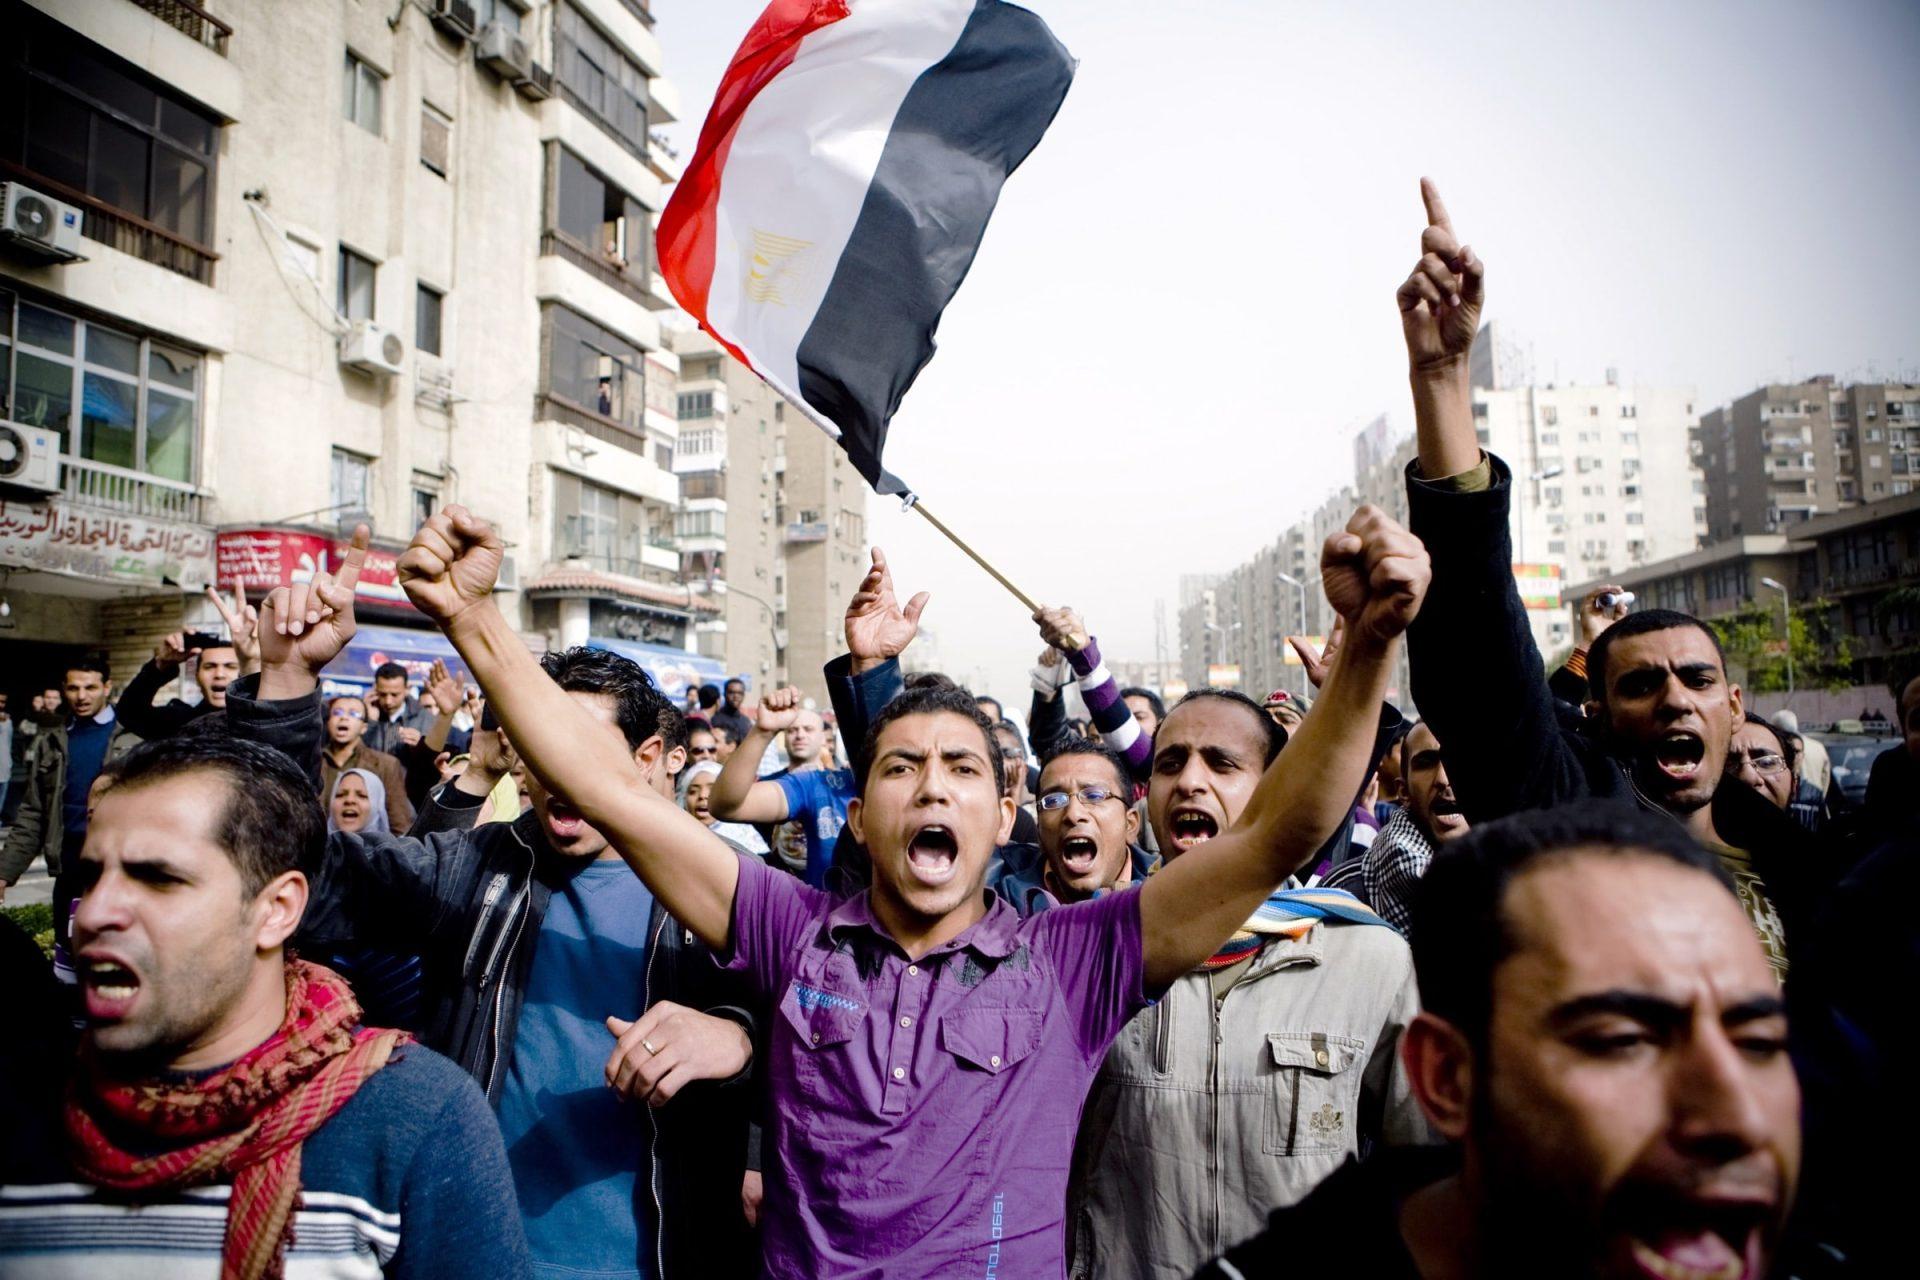 ذي أتلانتك: النشطاء العرب استعدوا جيداً لثورات جديدة وتعلموا من فشل الربيع العربي